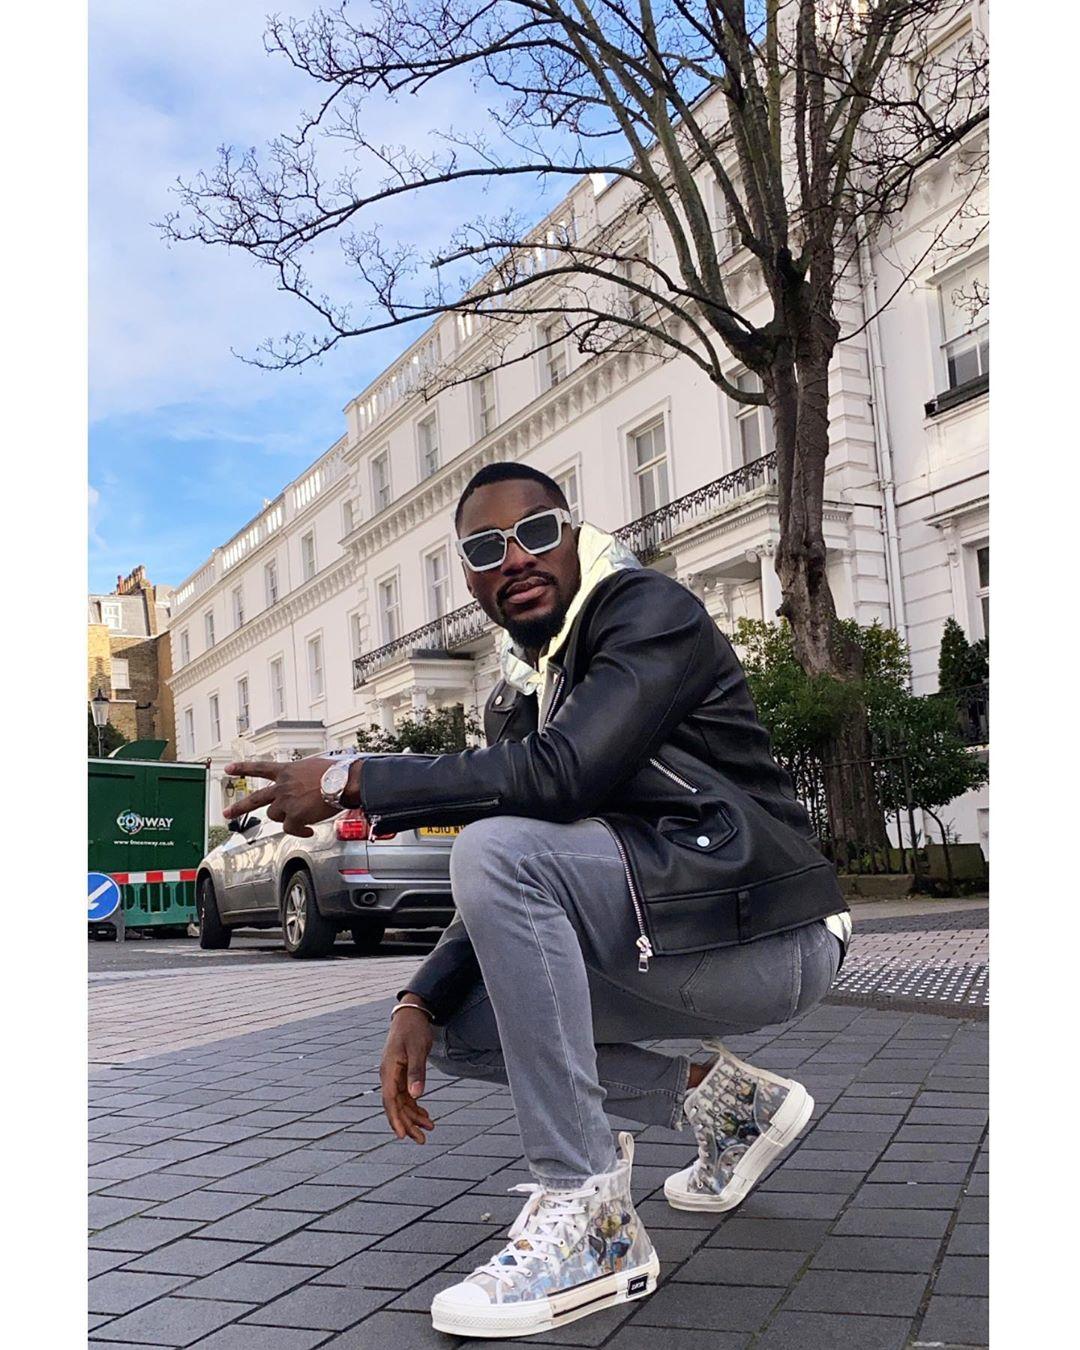 -nxibe kakuhle-eyona fashoni-isemgangathweni-e-afrika-eyamadoda-abantu abaziwayo-isimbo-i-rave